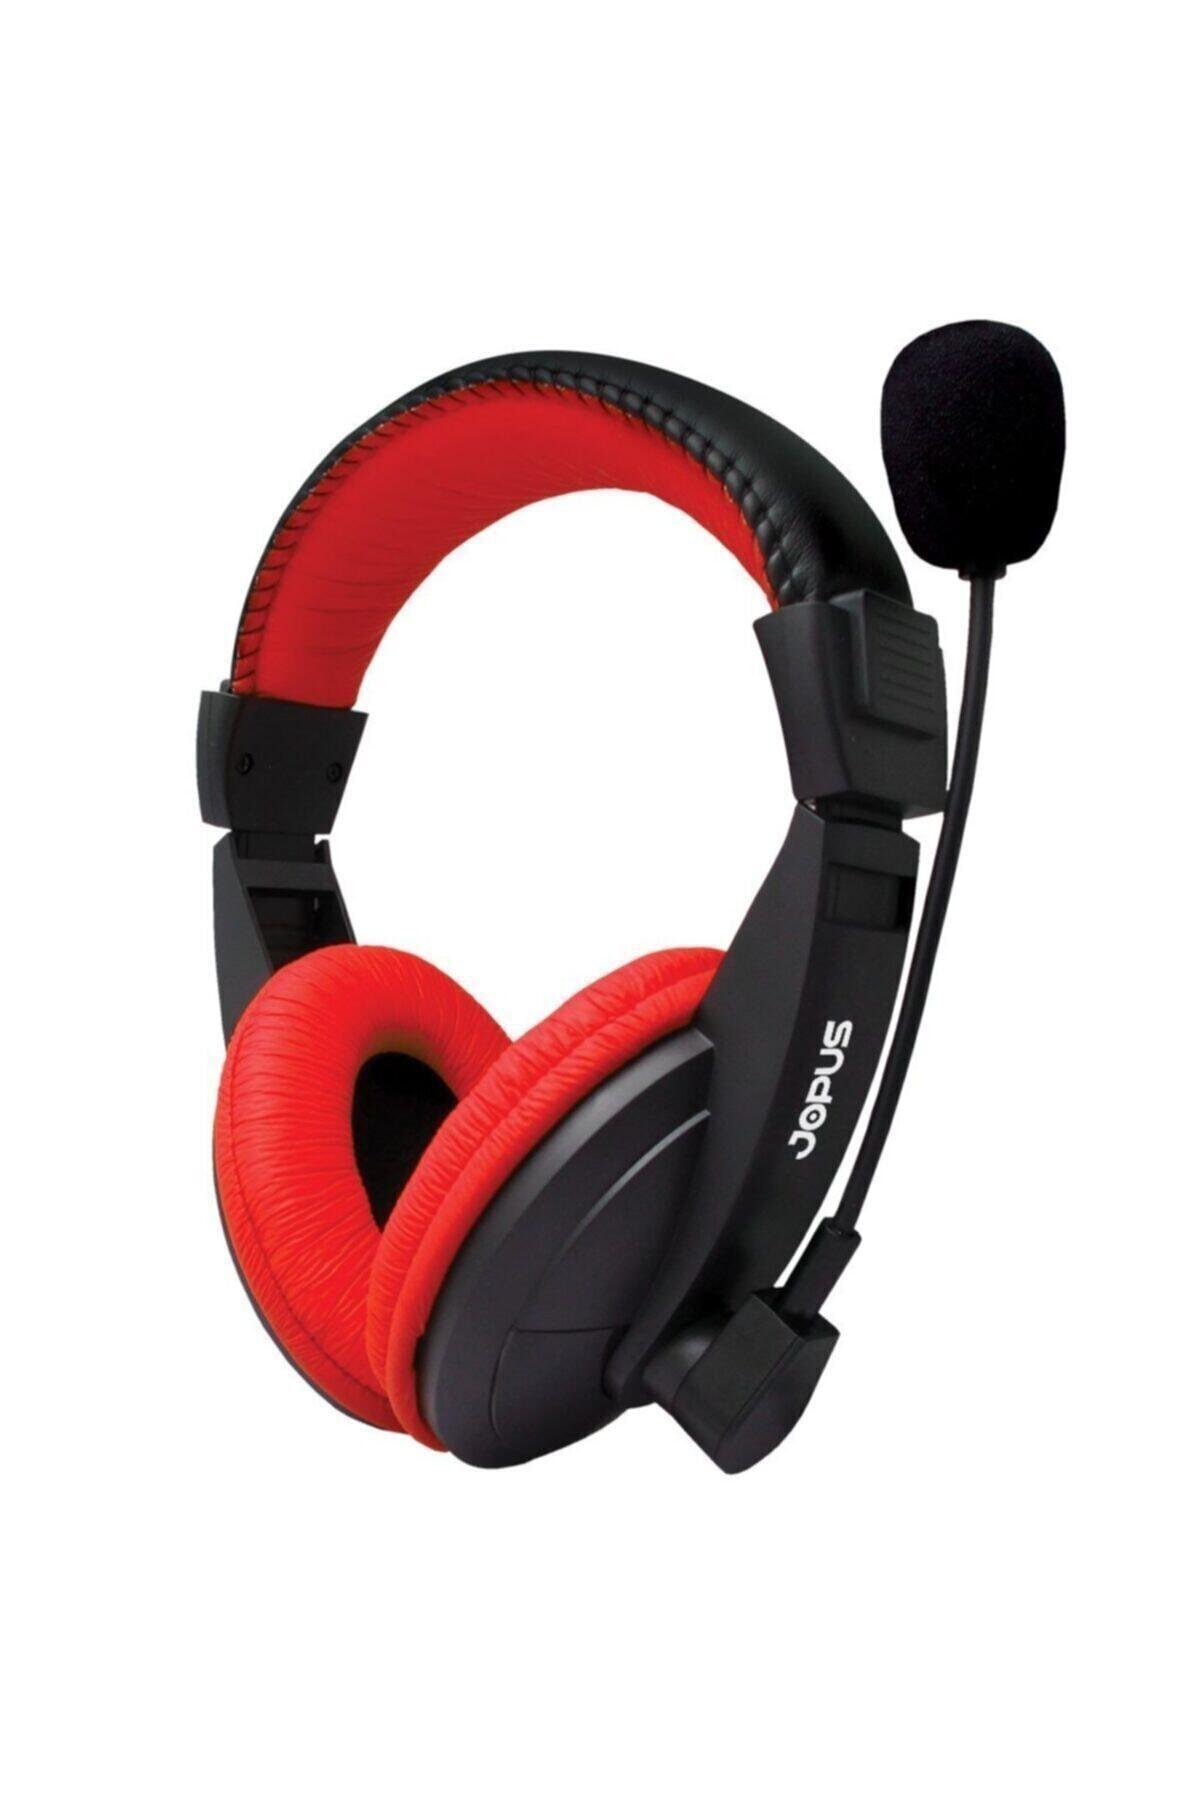 JOPUS TECHNOLOGY Jopus J1 Mikrofonlu Oyuncu Kulaklığı 1